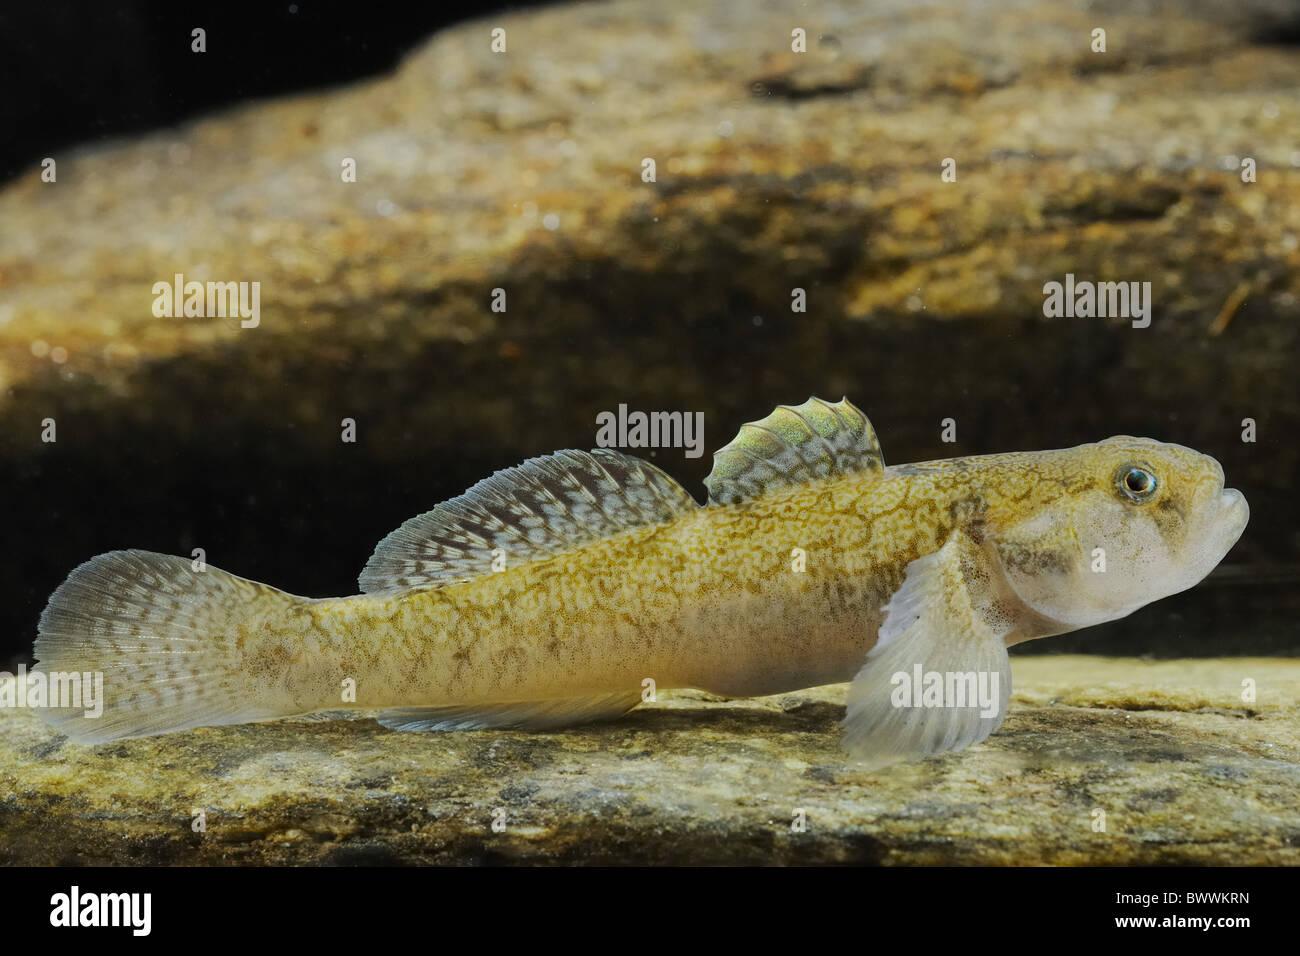 Padogobius bonelli freshwater fish animal animals fish for Freshwater goby fish